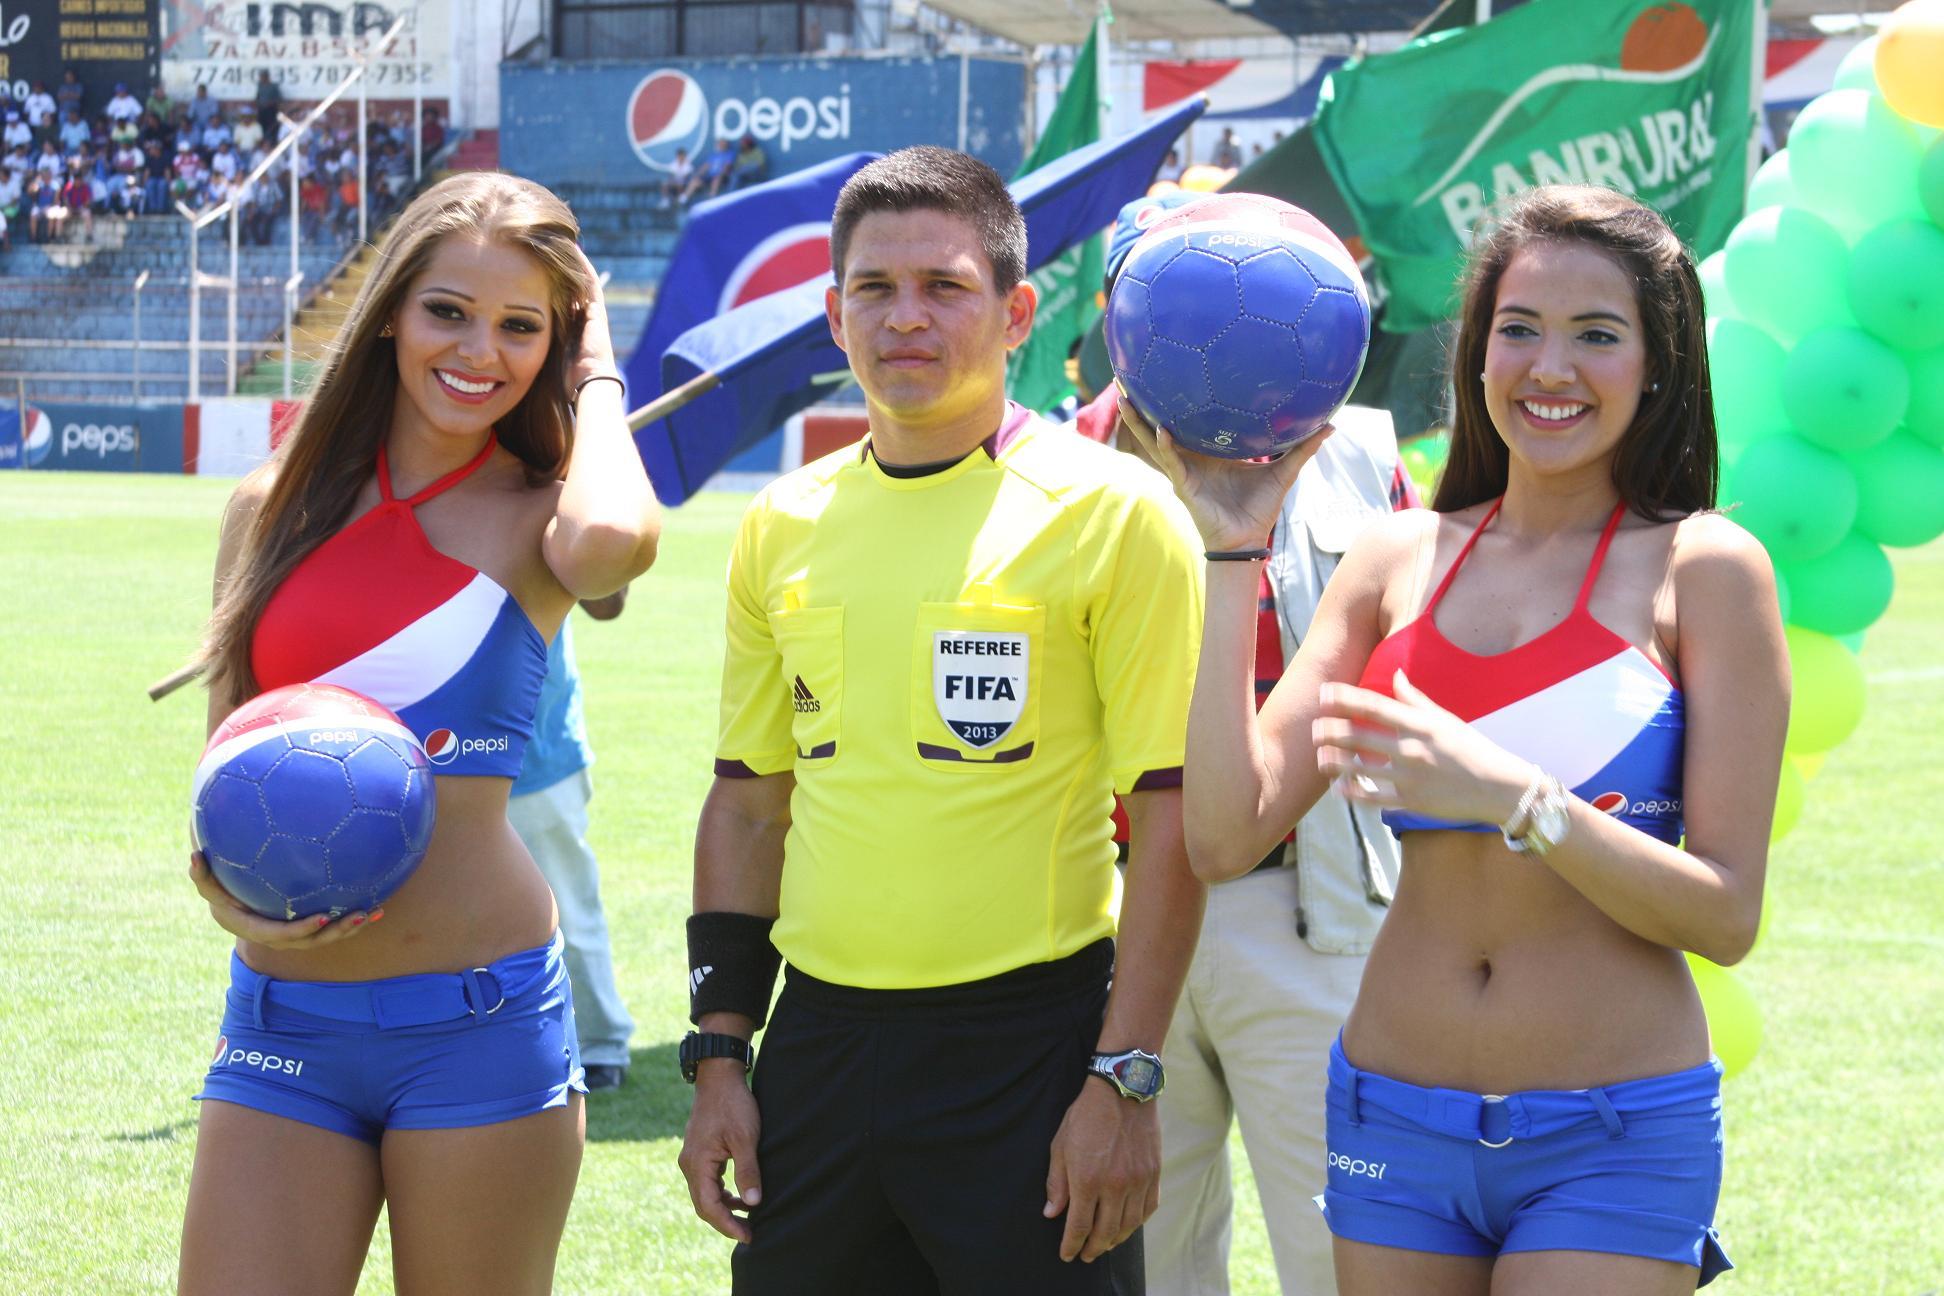 Los árbitros para la jornada de media semana